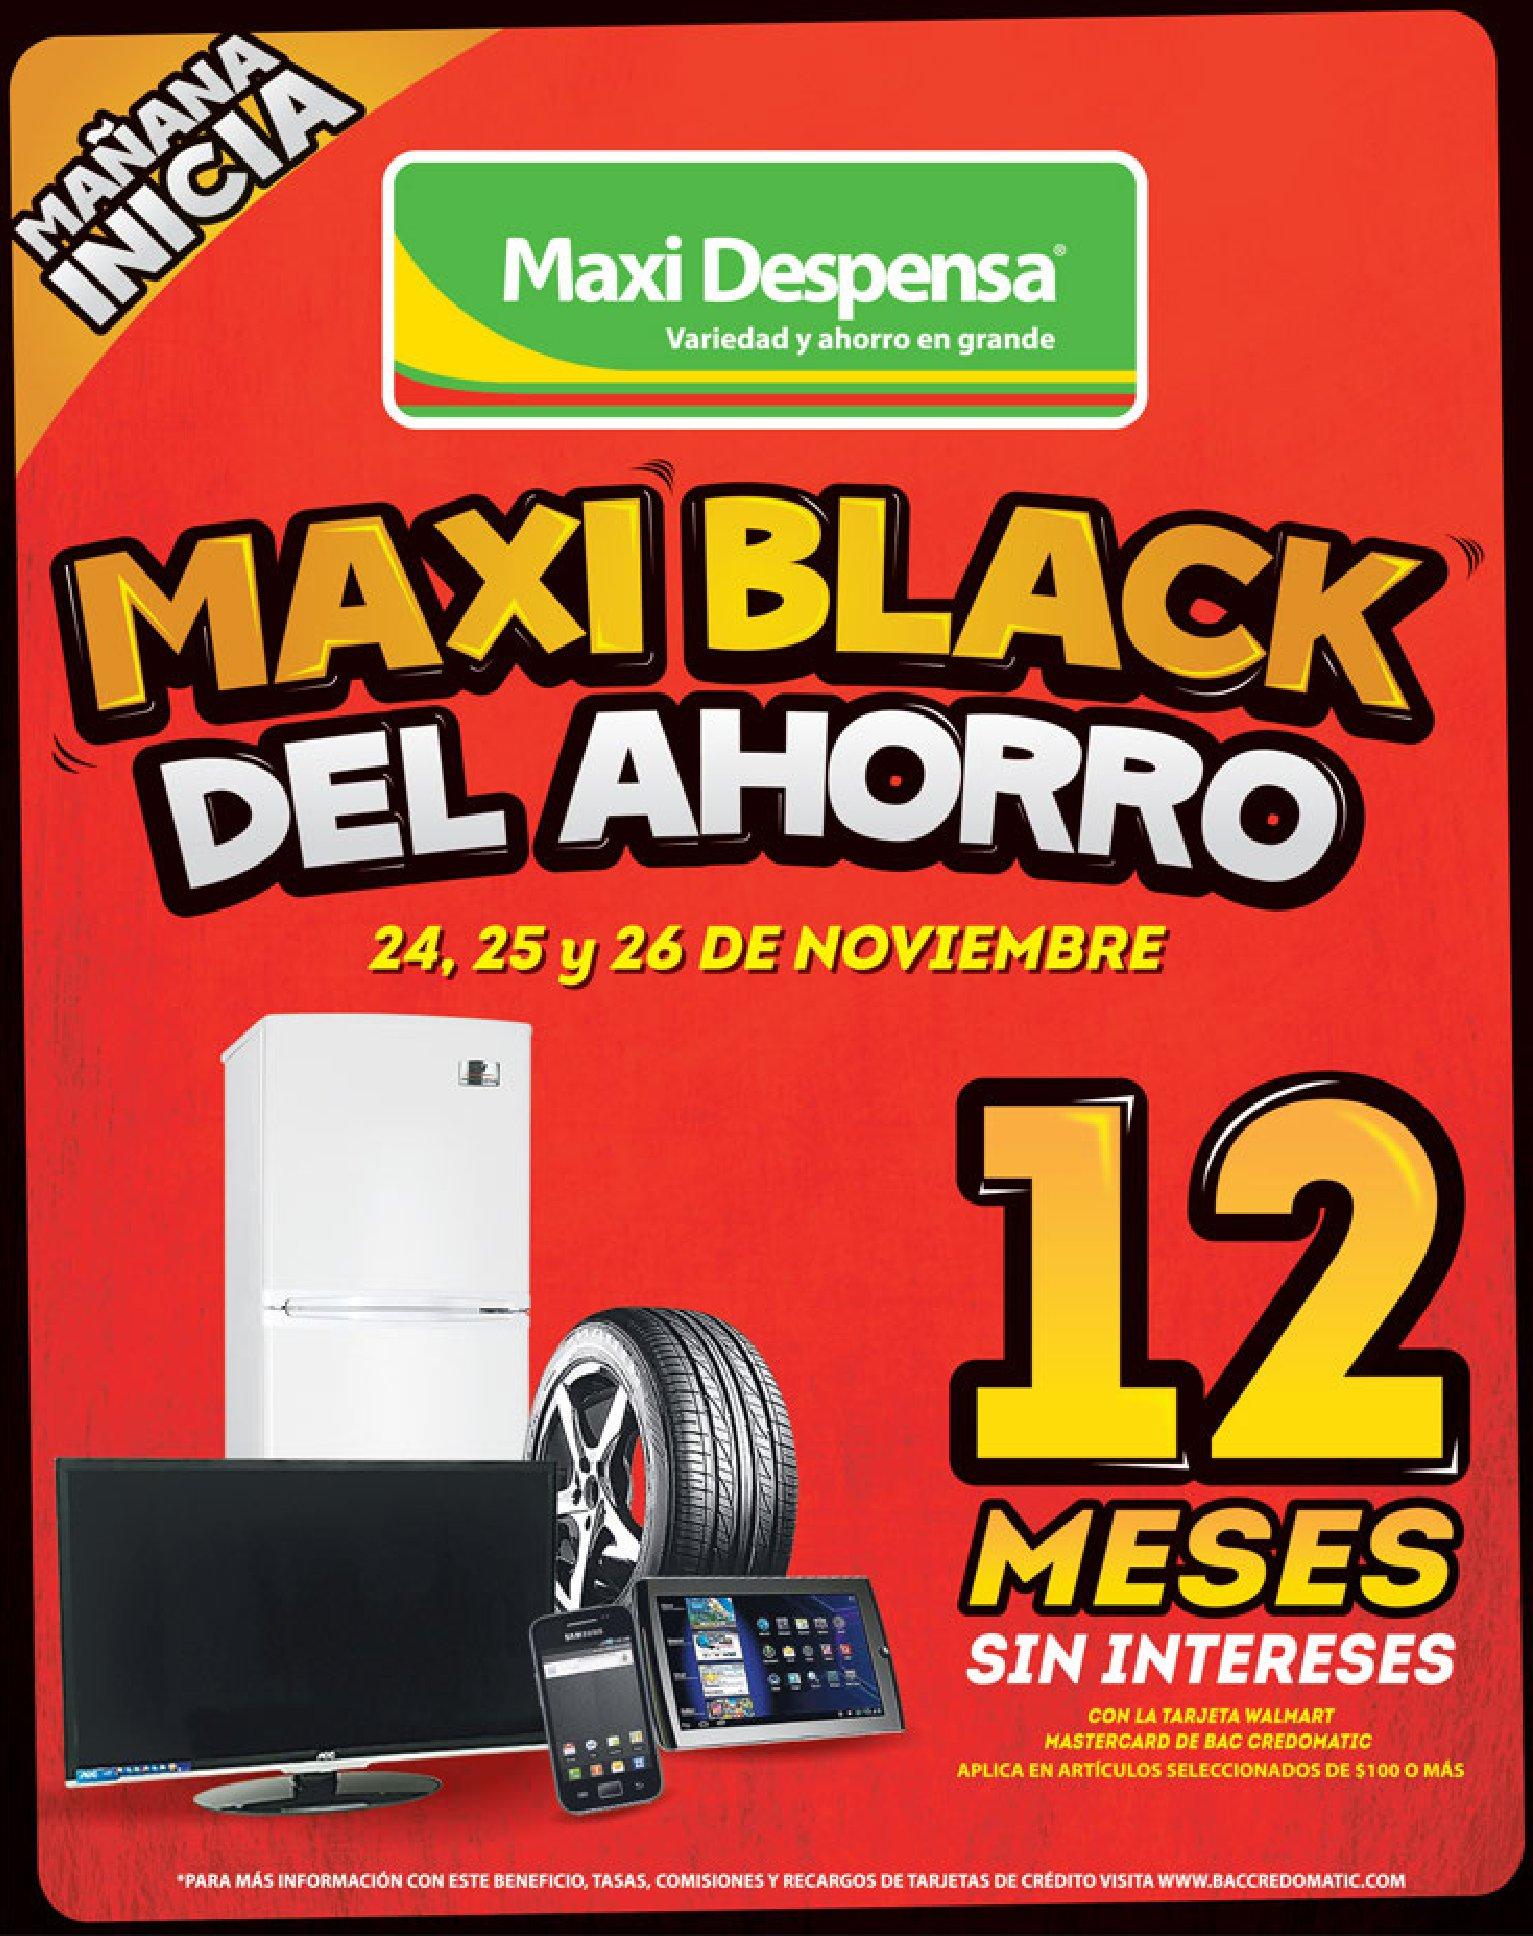 MAXK BLACK friday 2017 maxi despensa